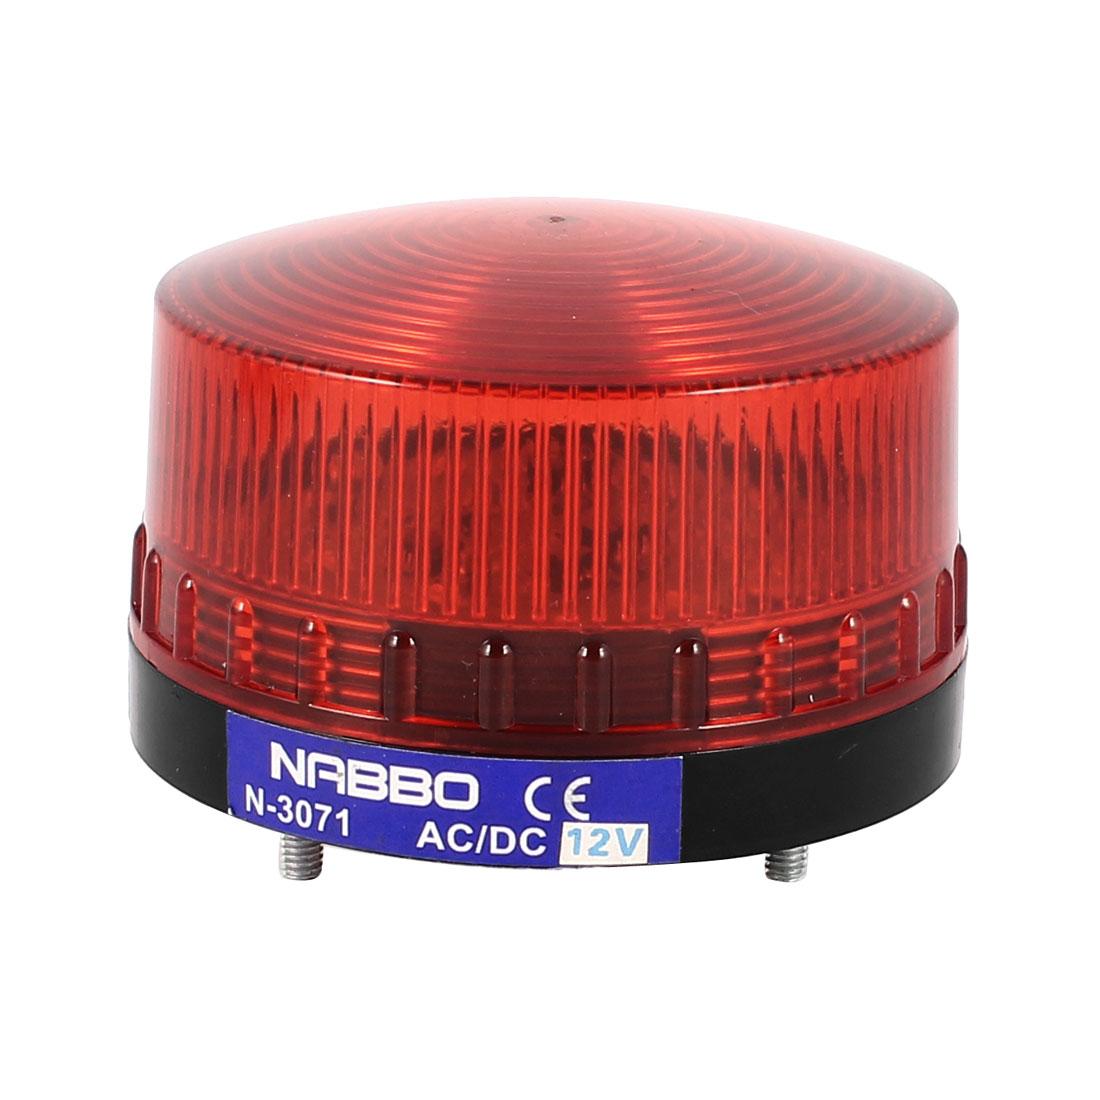 Industrial DC 12V Red LED Blinking Warning Light Bulb Signal Tower Lamp N-3071